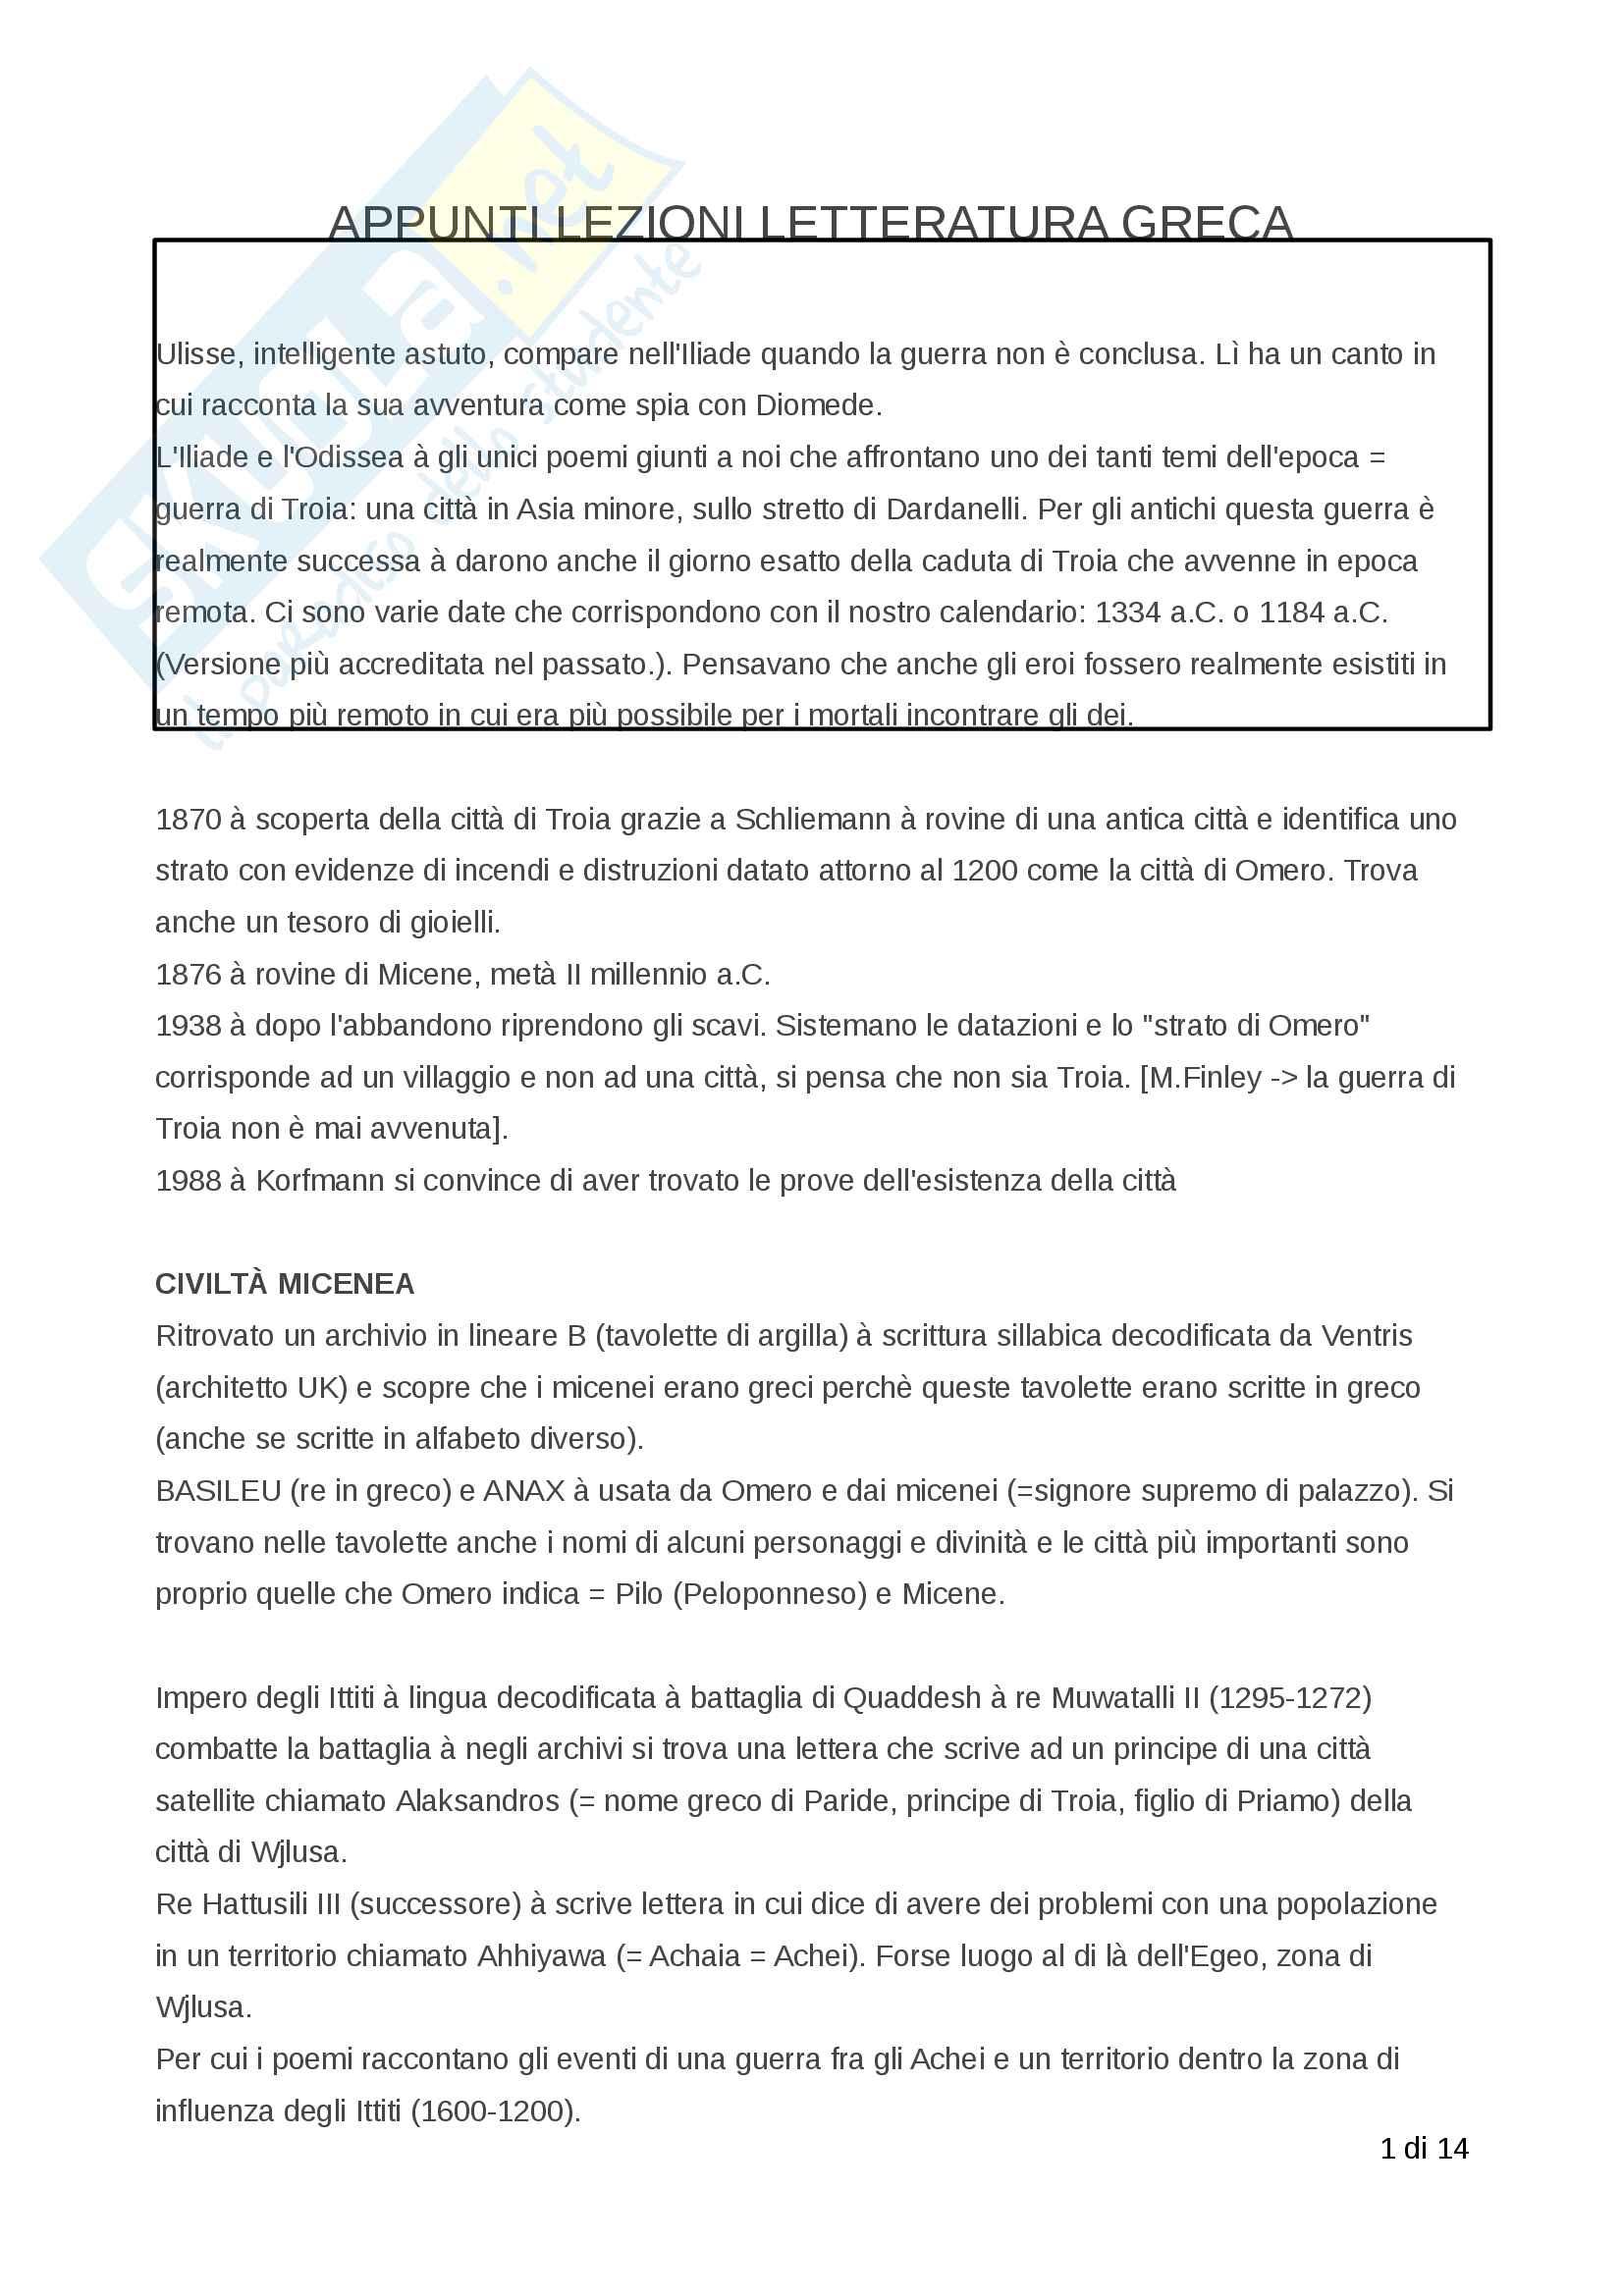 Appunti Letteratura greca